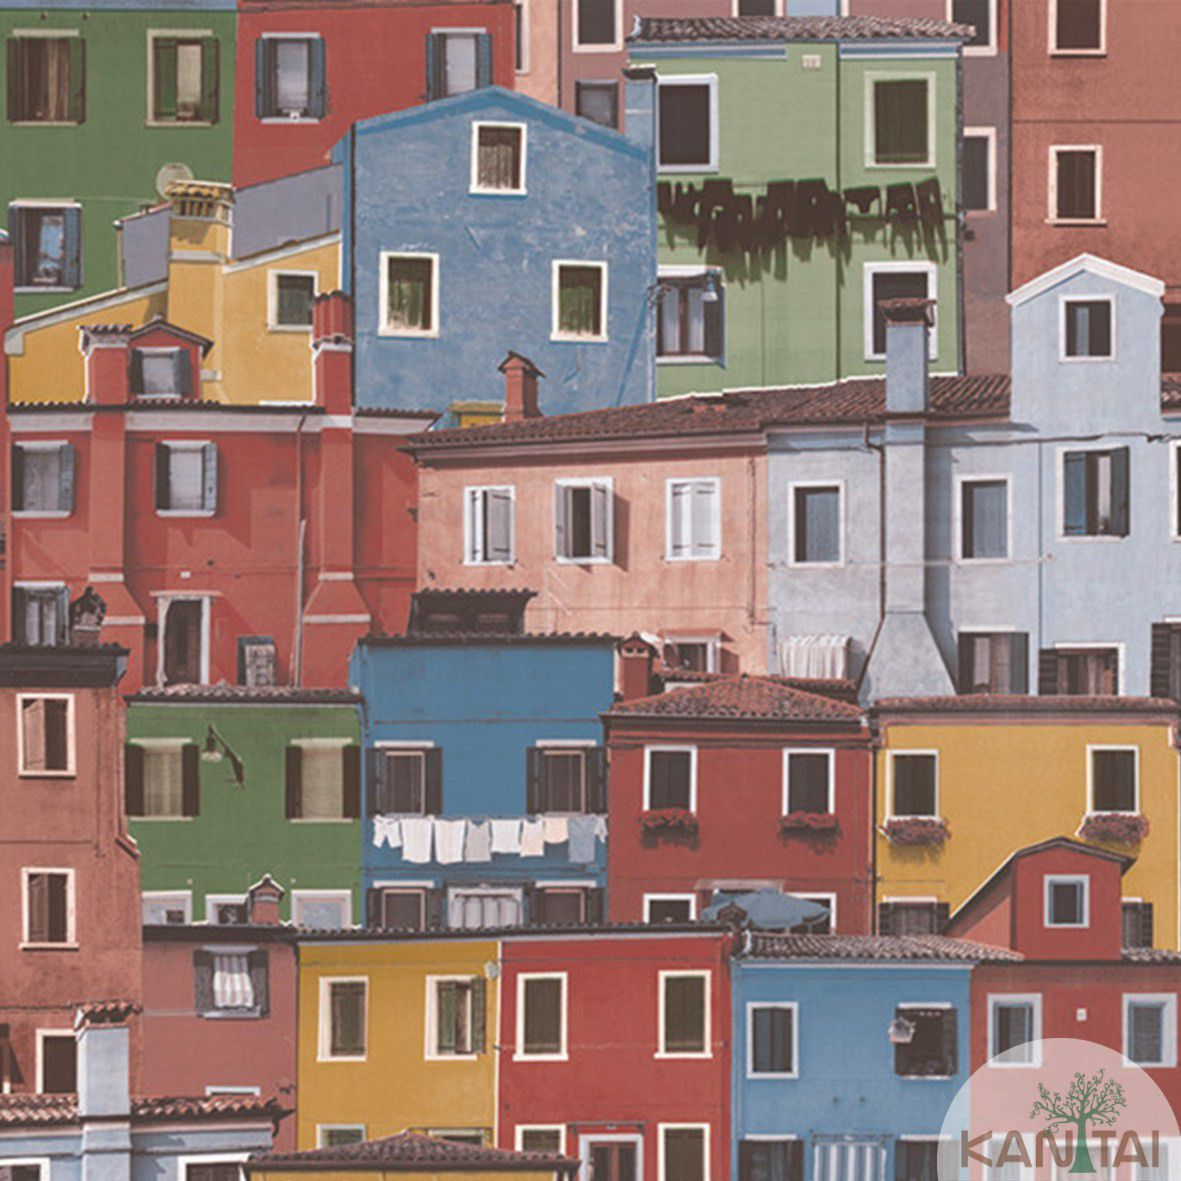 Papel de Parede  Vinilico Kan Tai Coleção Neonature III 3D Casas Azul, Roxo, Amarelo, Verde